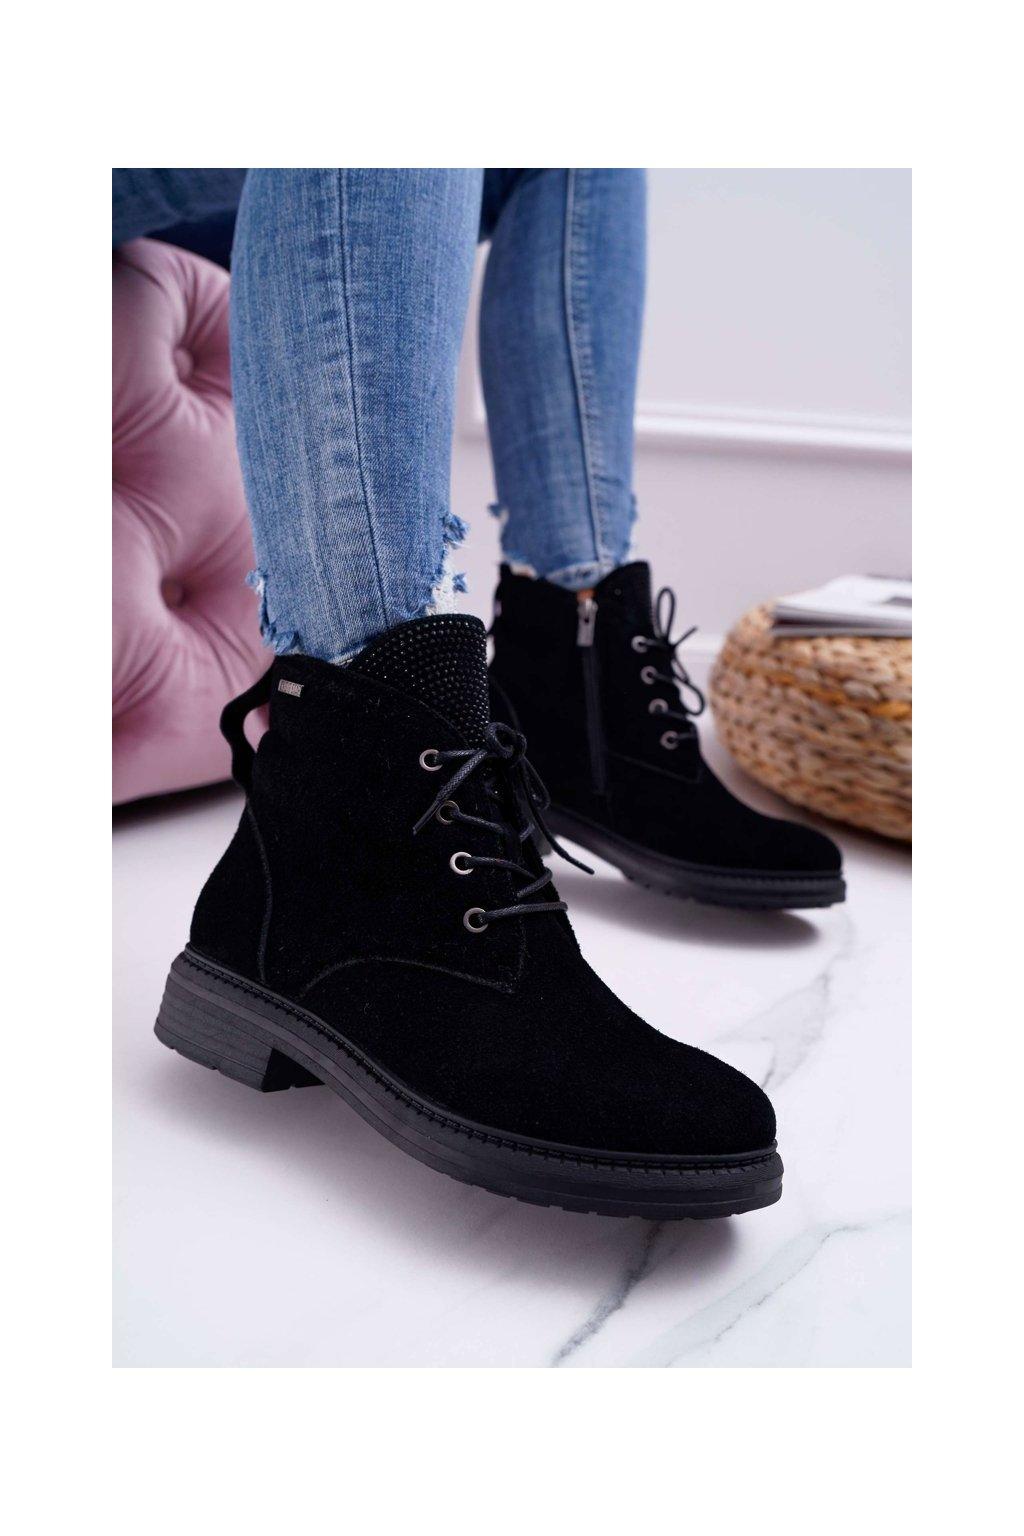 Členkové topánky na podpätku farba čierna kód obuvi EE274508 BLK